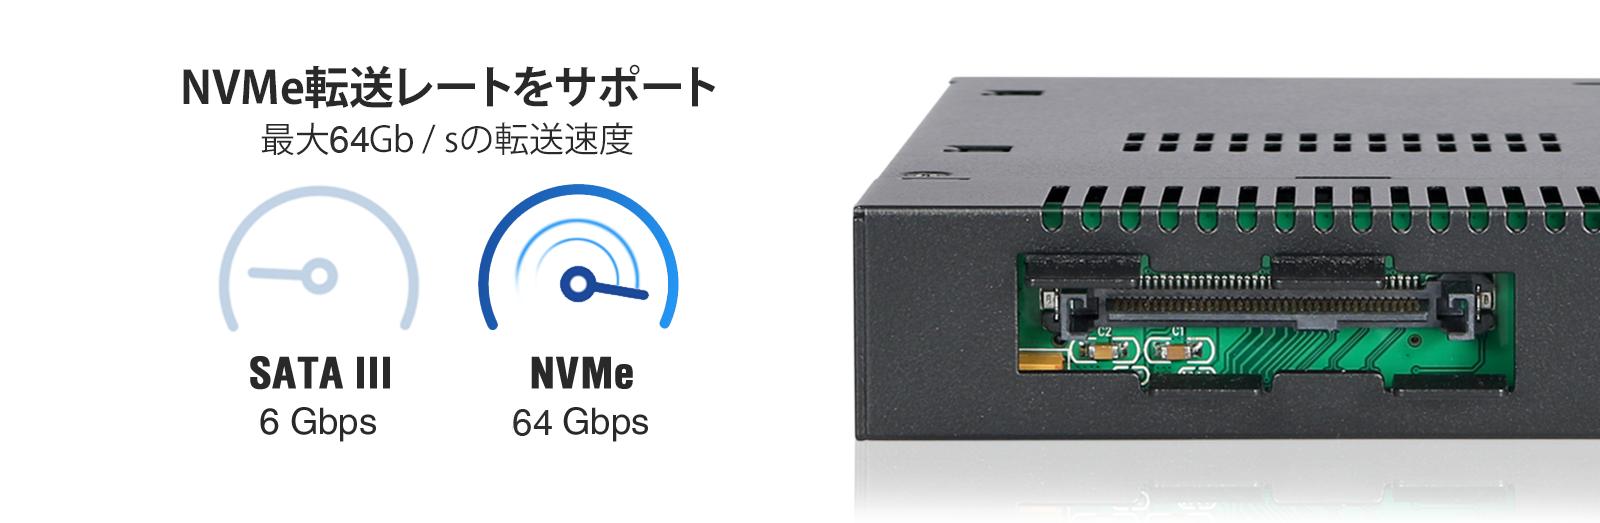 mb601m2k-1b NVMe 32Gbps の転送速度に対応